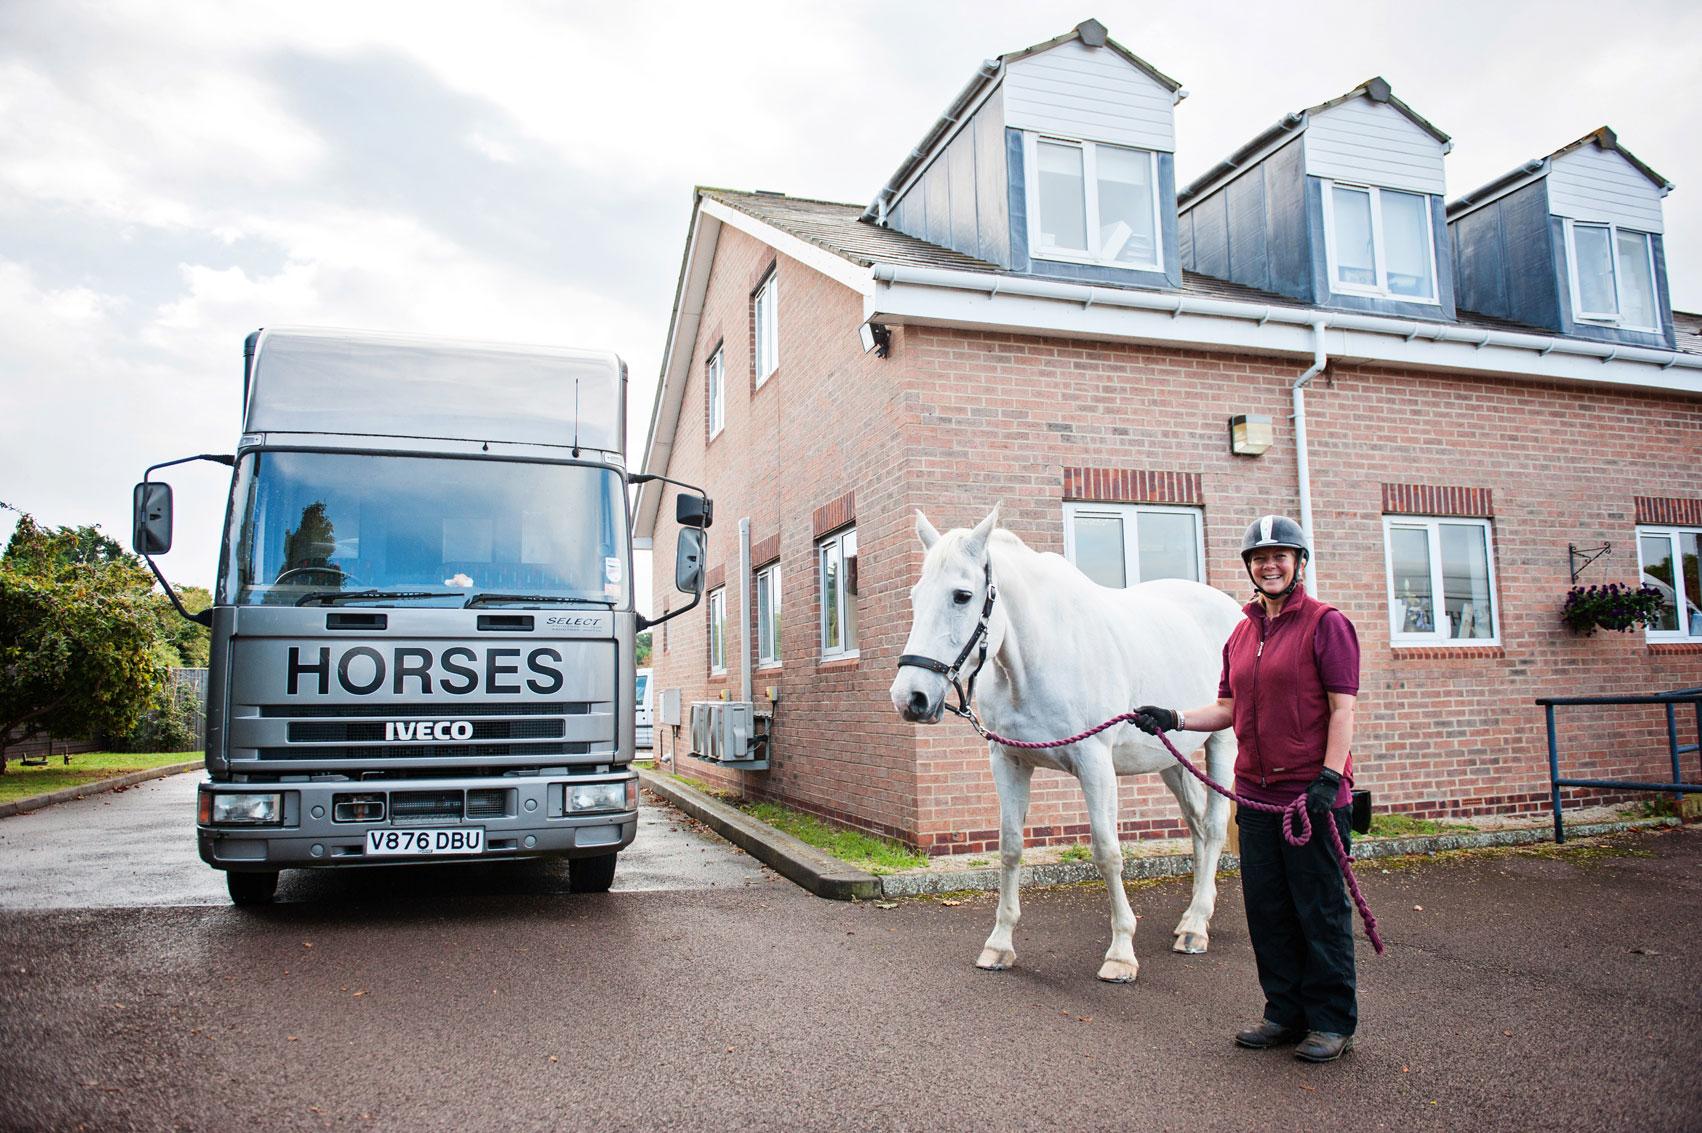 Horse vets in Cheltenham area